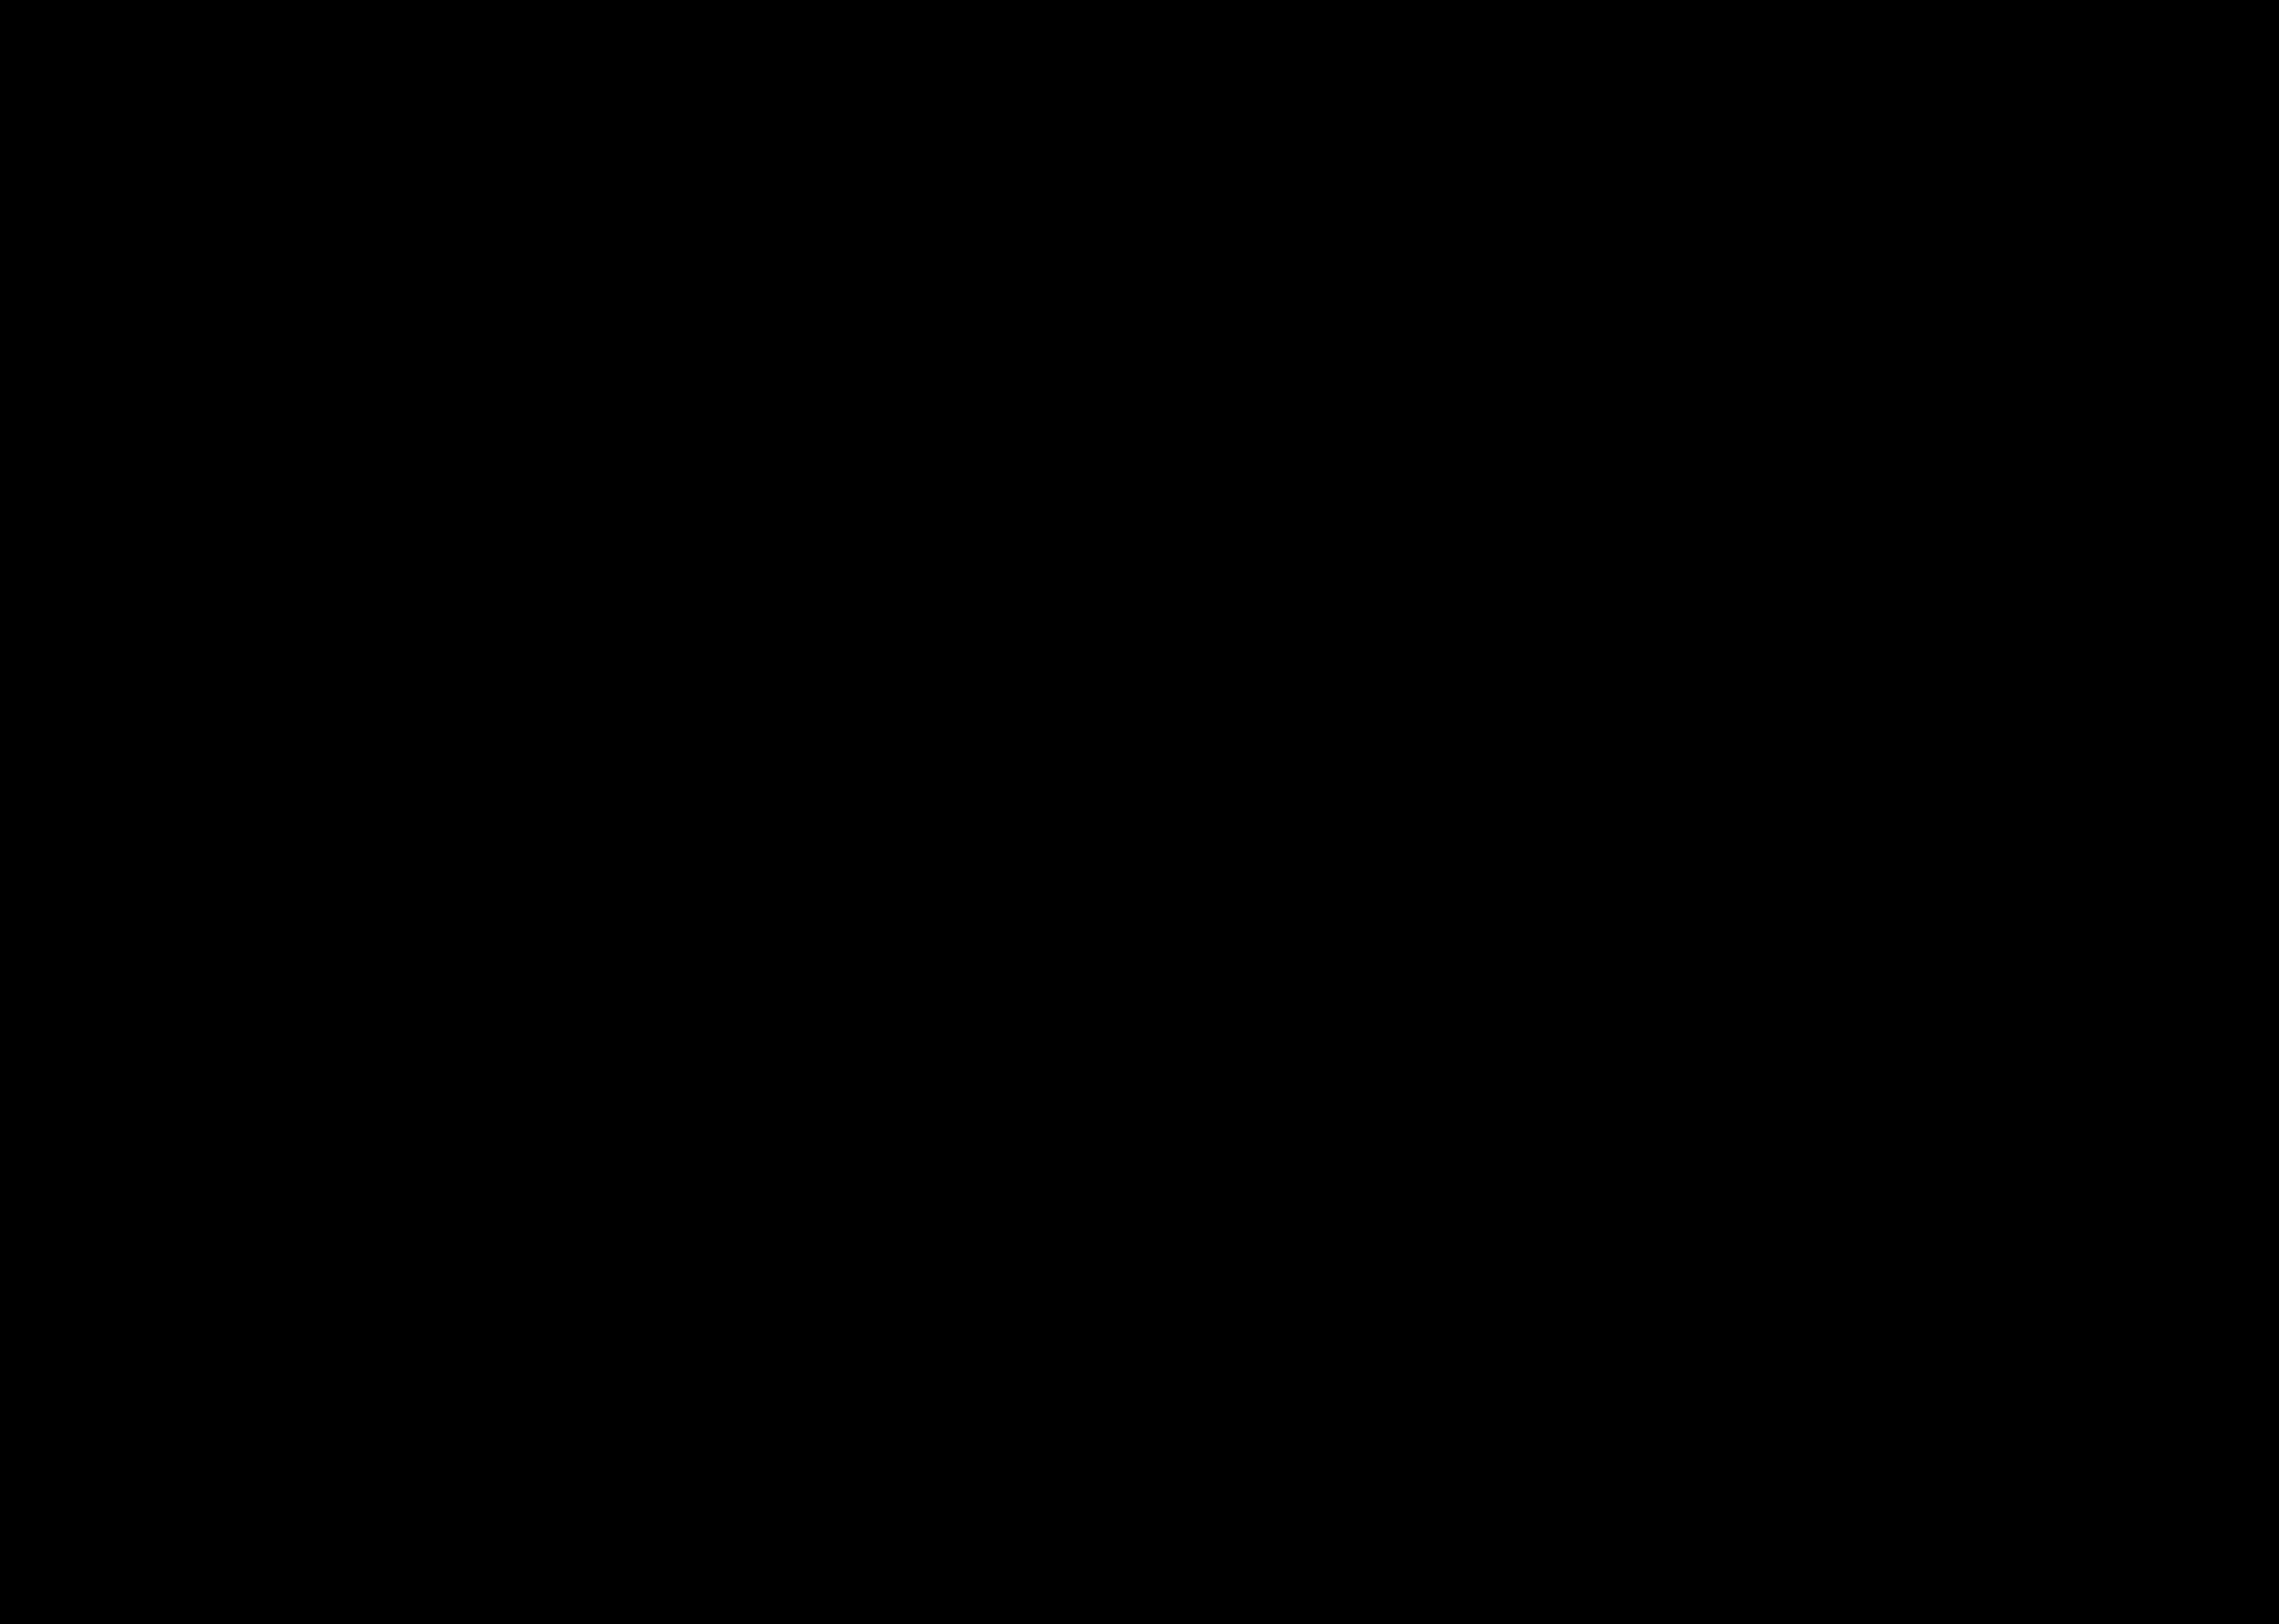 01/09/18 สัมมนา เรื่องความท้าทายของการใช้ระบบBIM ในด้านวิศวกรรม